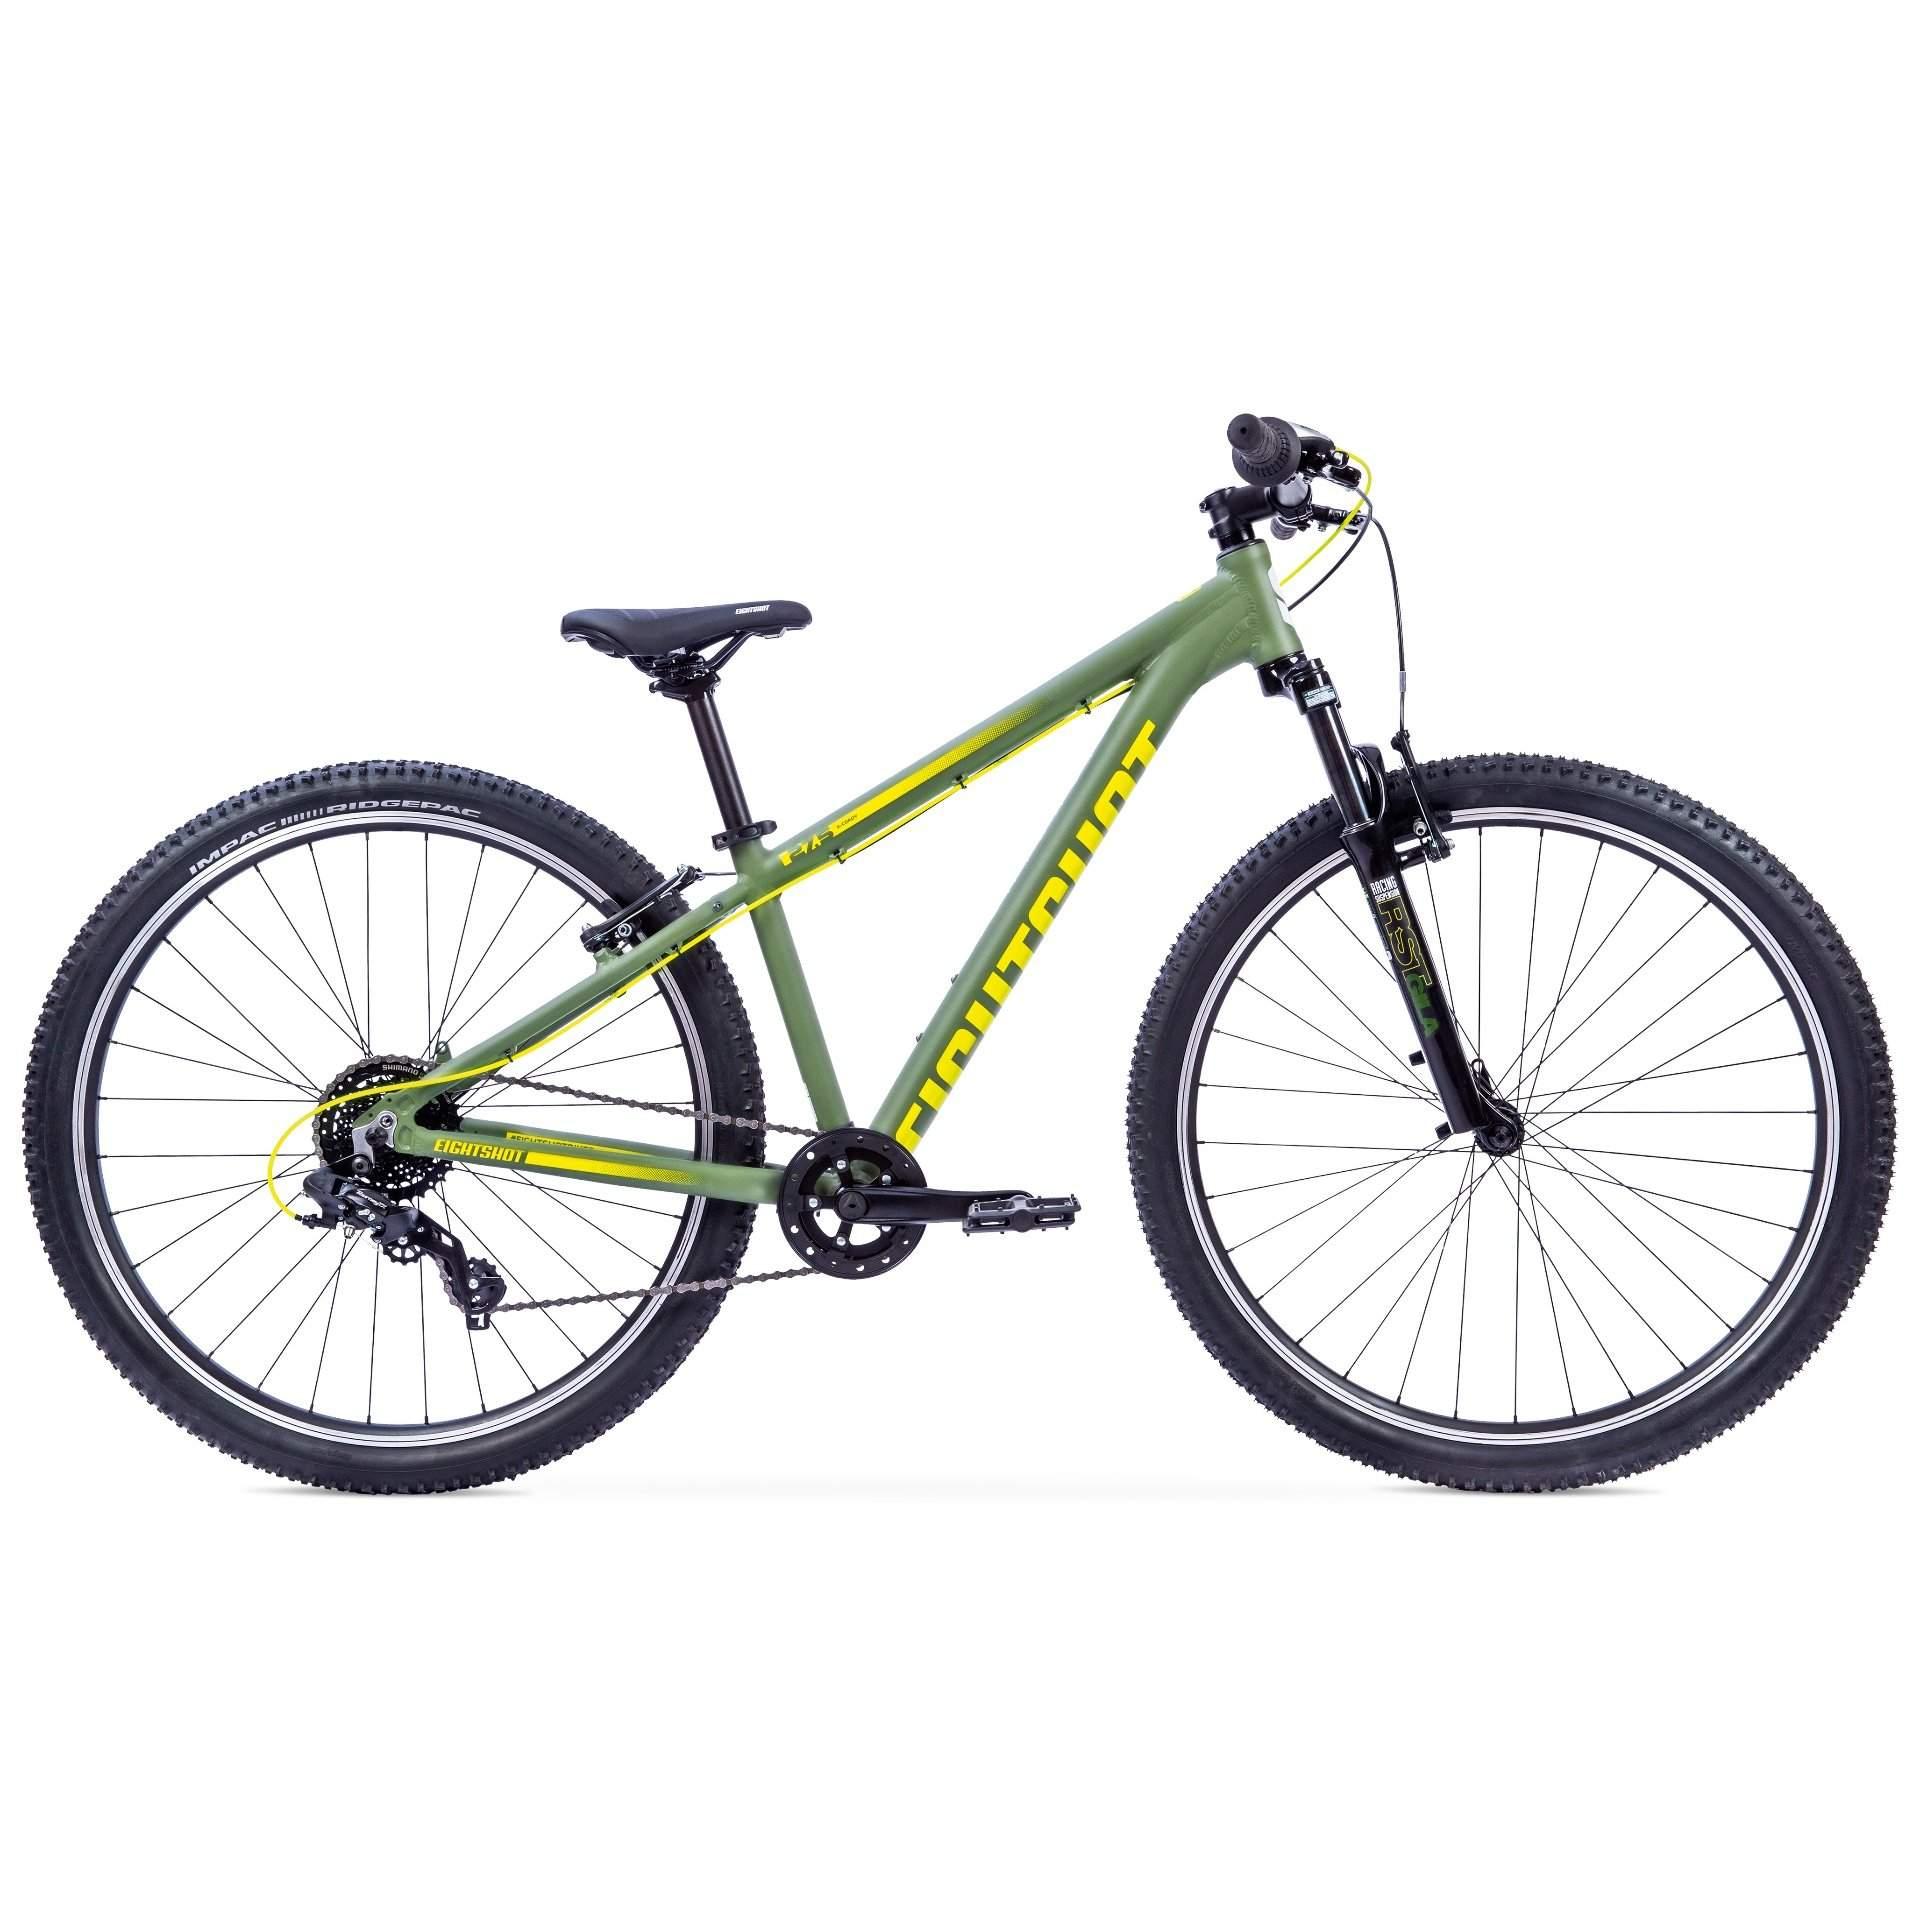 ROWER EIGHTSHOT X-COADY 275 FS 7027 GREEN 1